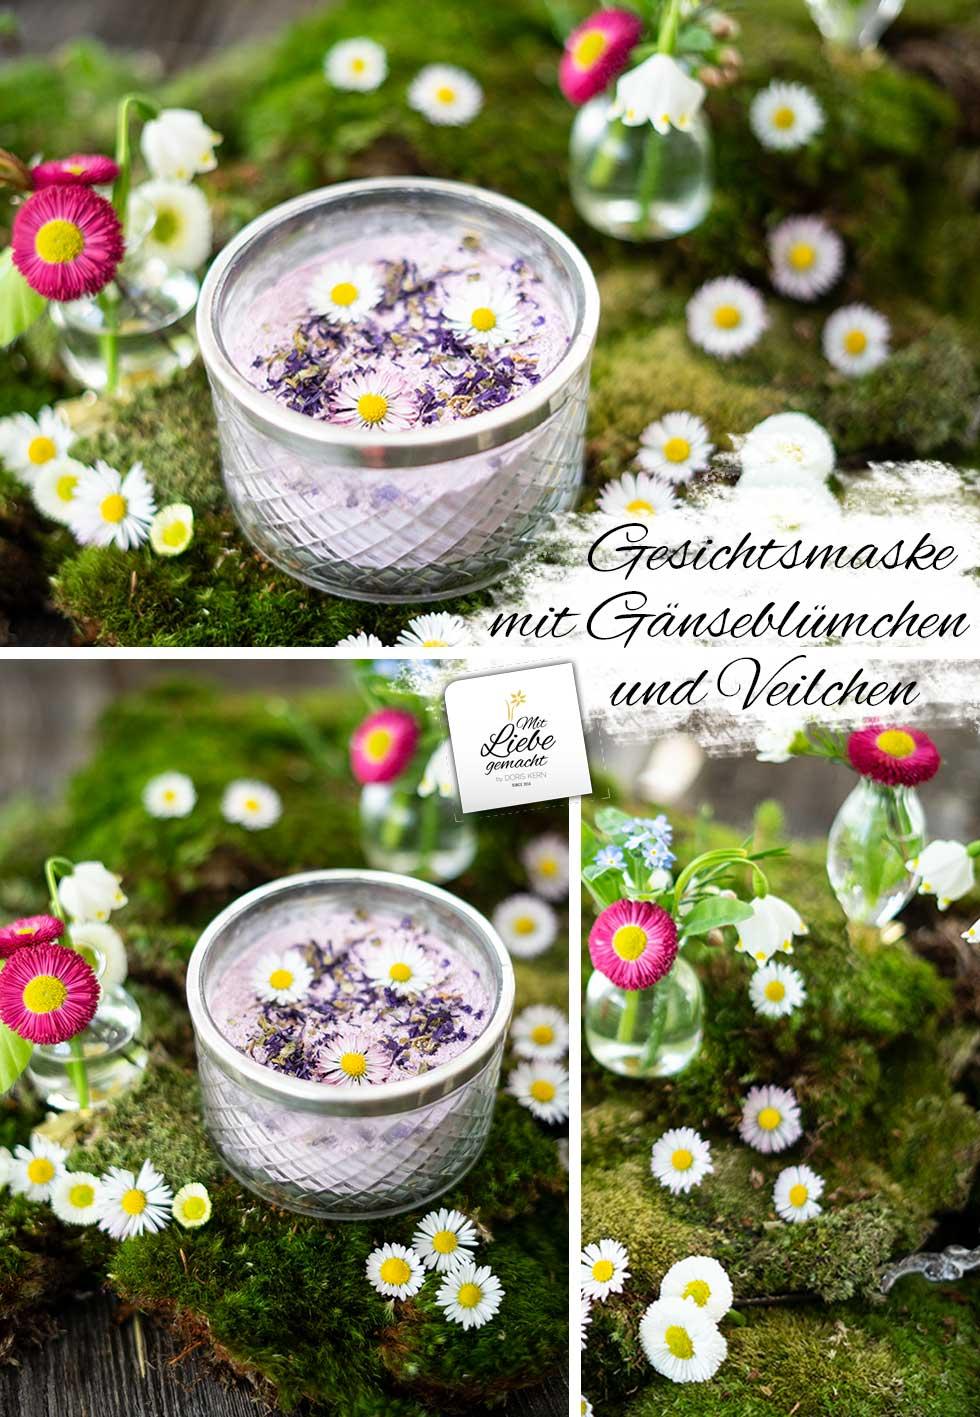 Blütengesichtsmaske mit Gänseblümchen und Veilchen